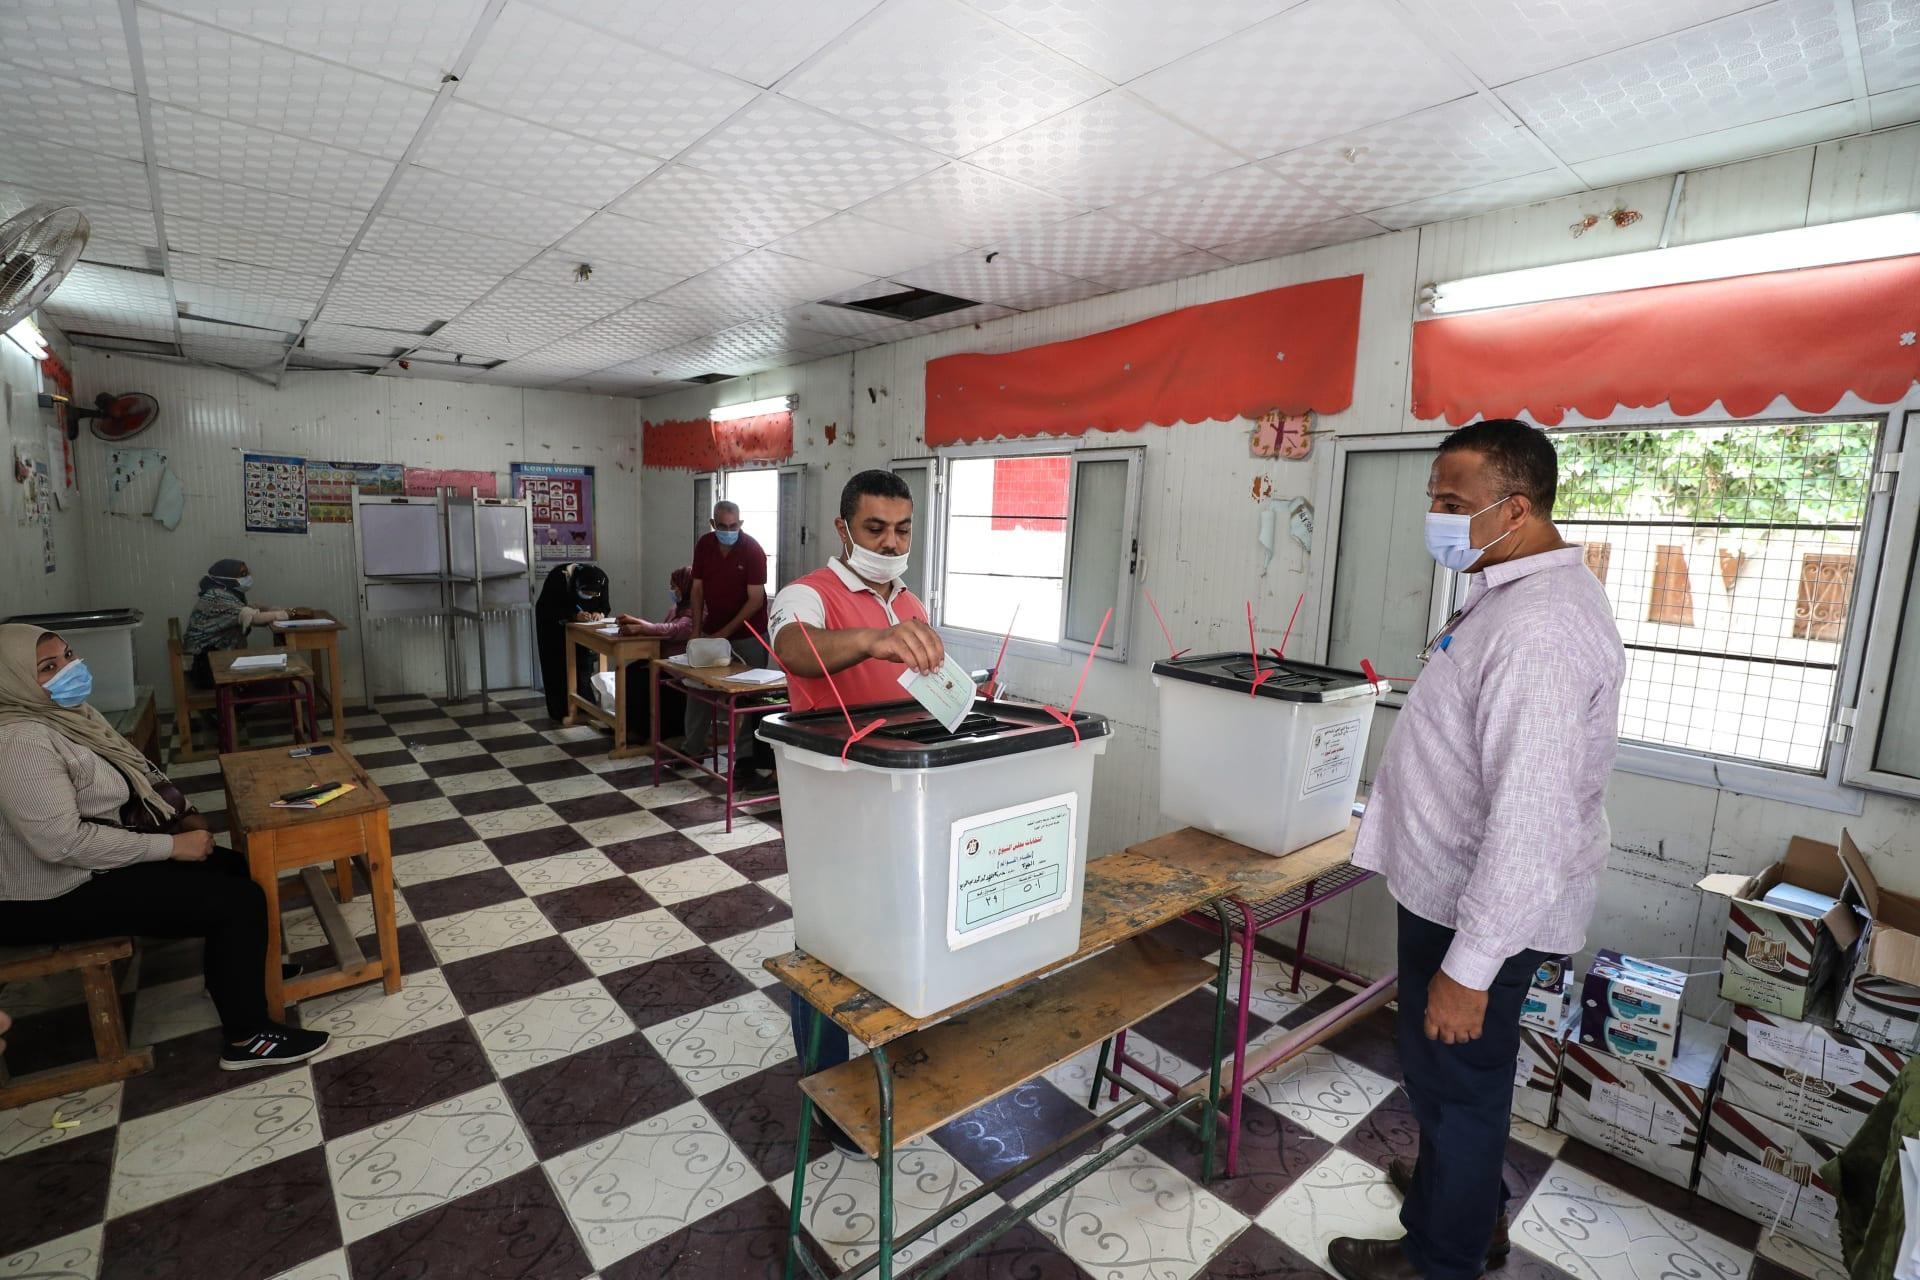 ناخب مصري يدلي بصوته في انتخابات مجلس الشيوخ